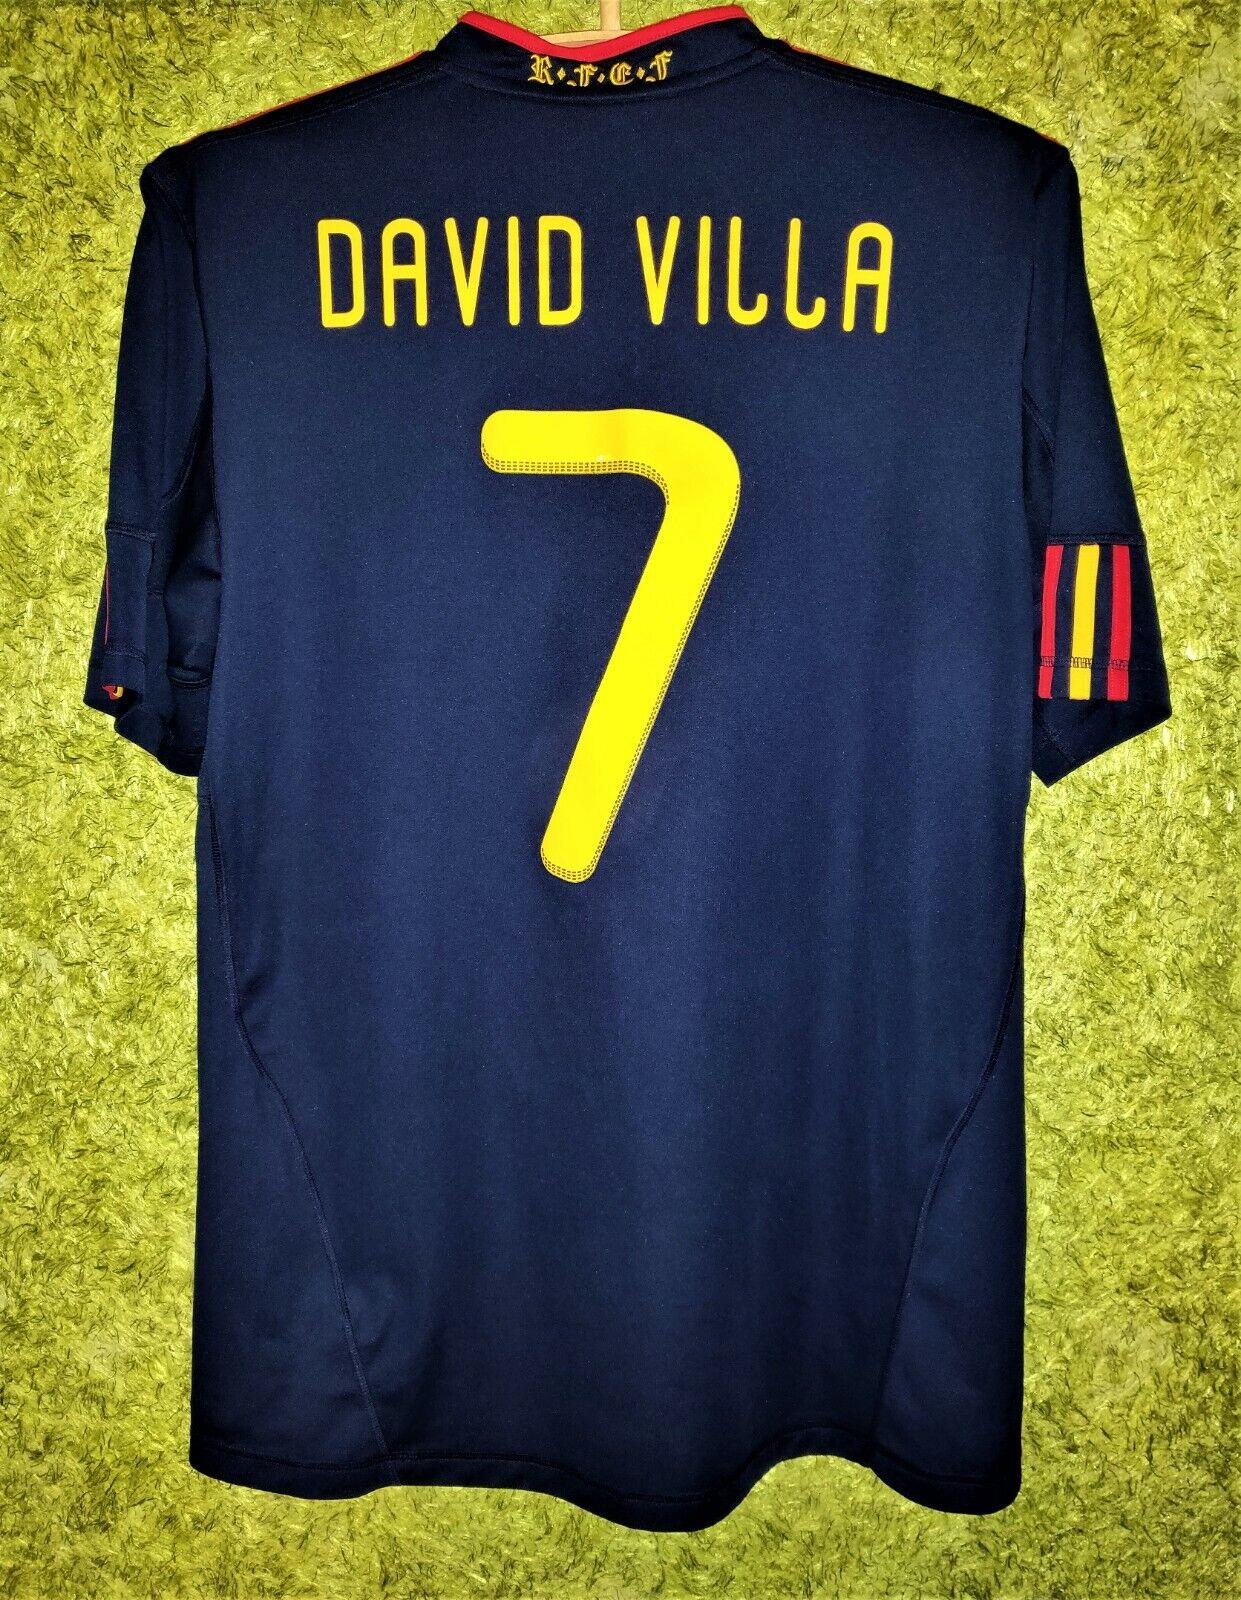 SPANJE NATIONALE TEAM ţ 7 DAVID VILLA 2010 WEE VOETBARE MAATSCHAPPIJ